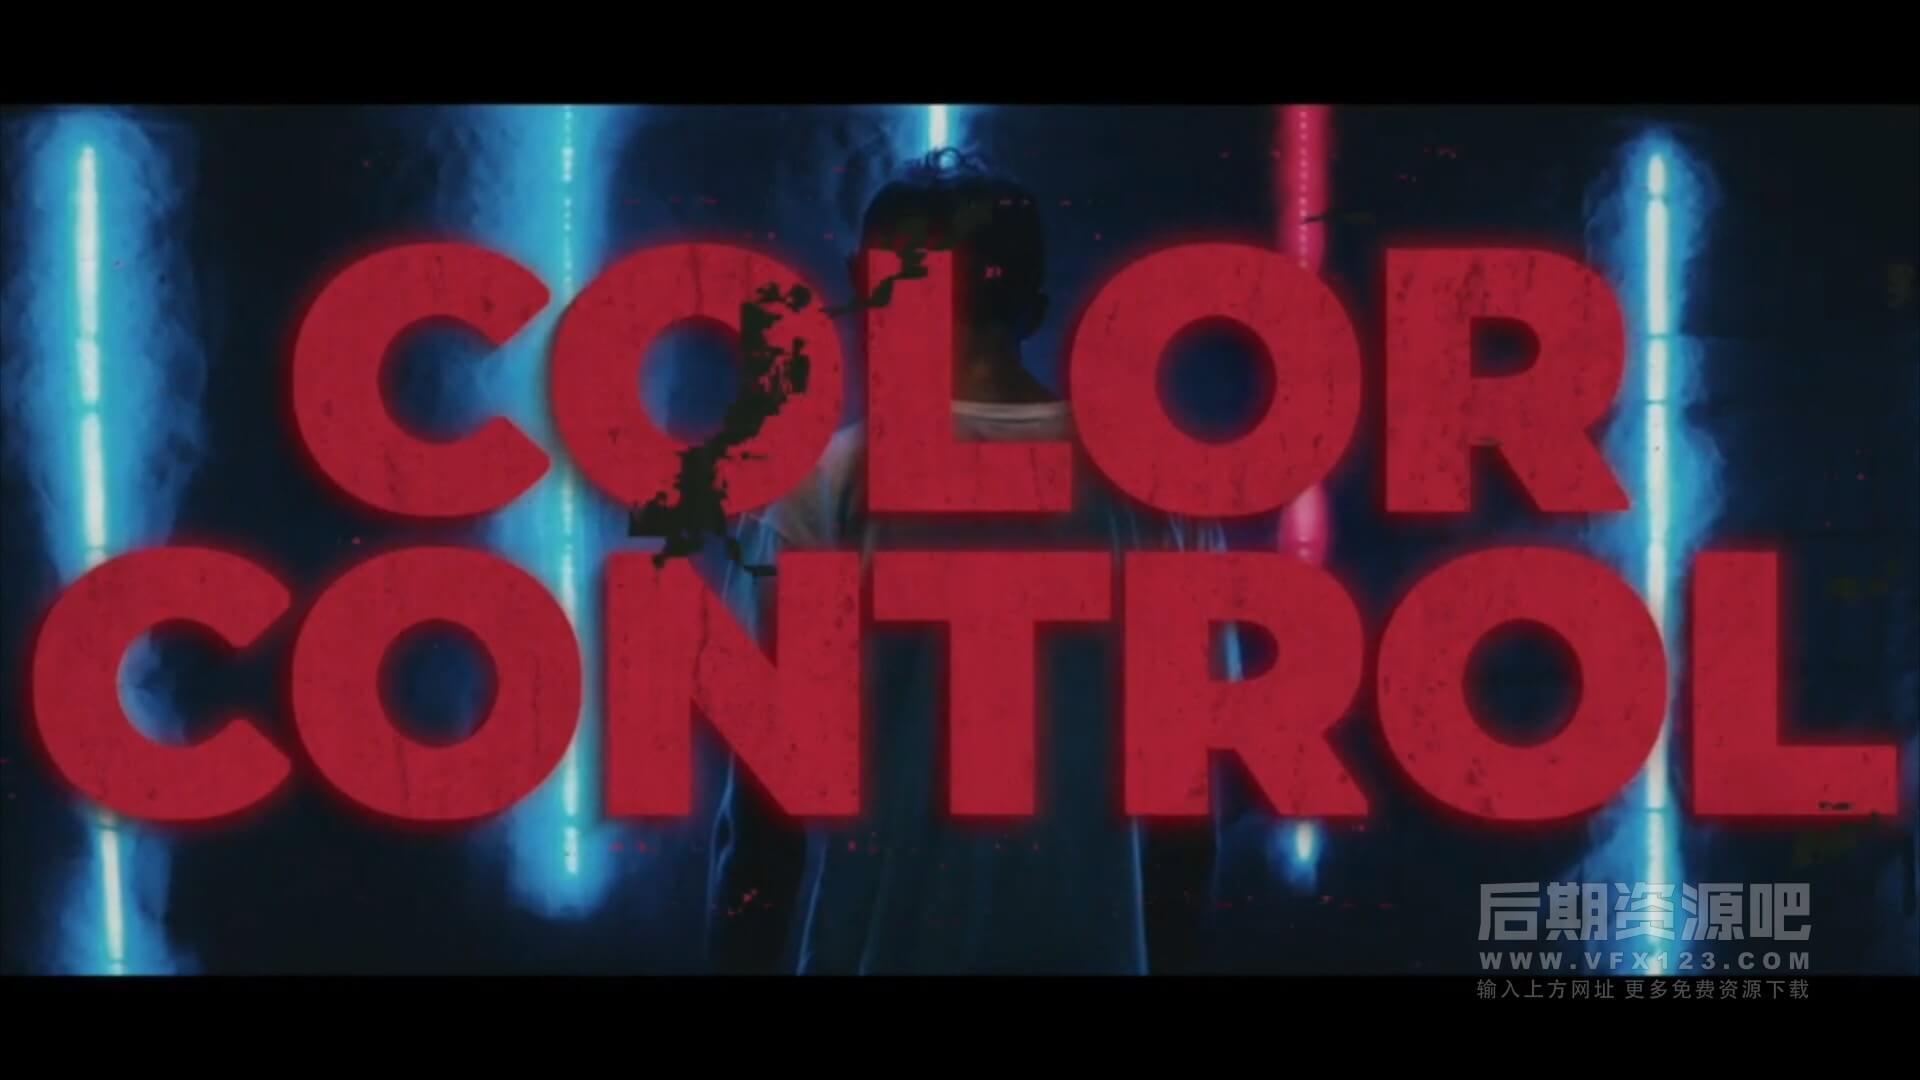 fcpx主题模板 80s复古干扰霓虹风格片头 Grunge Neon Promo